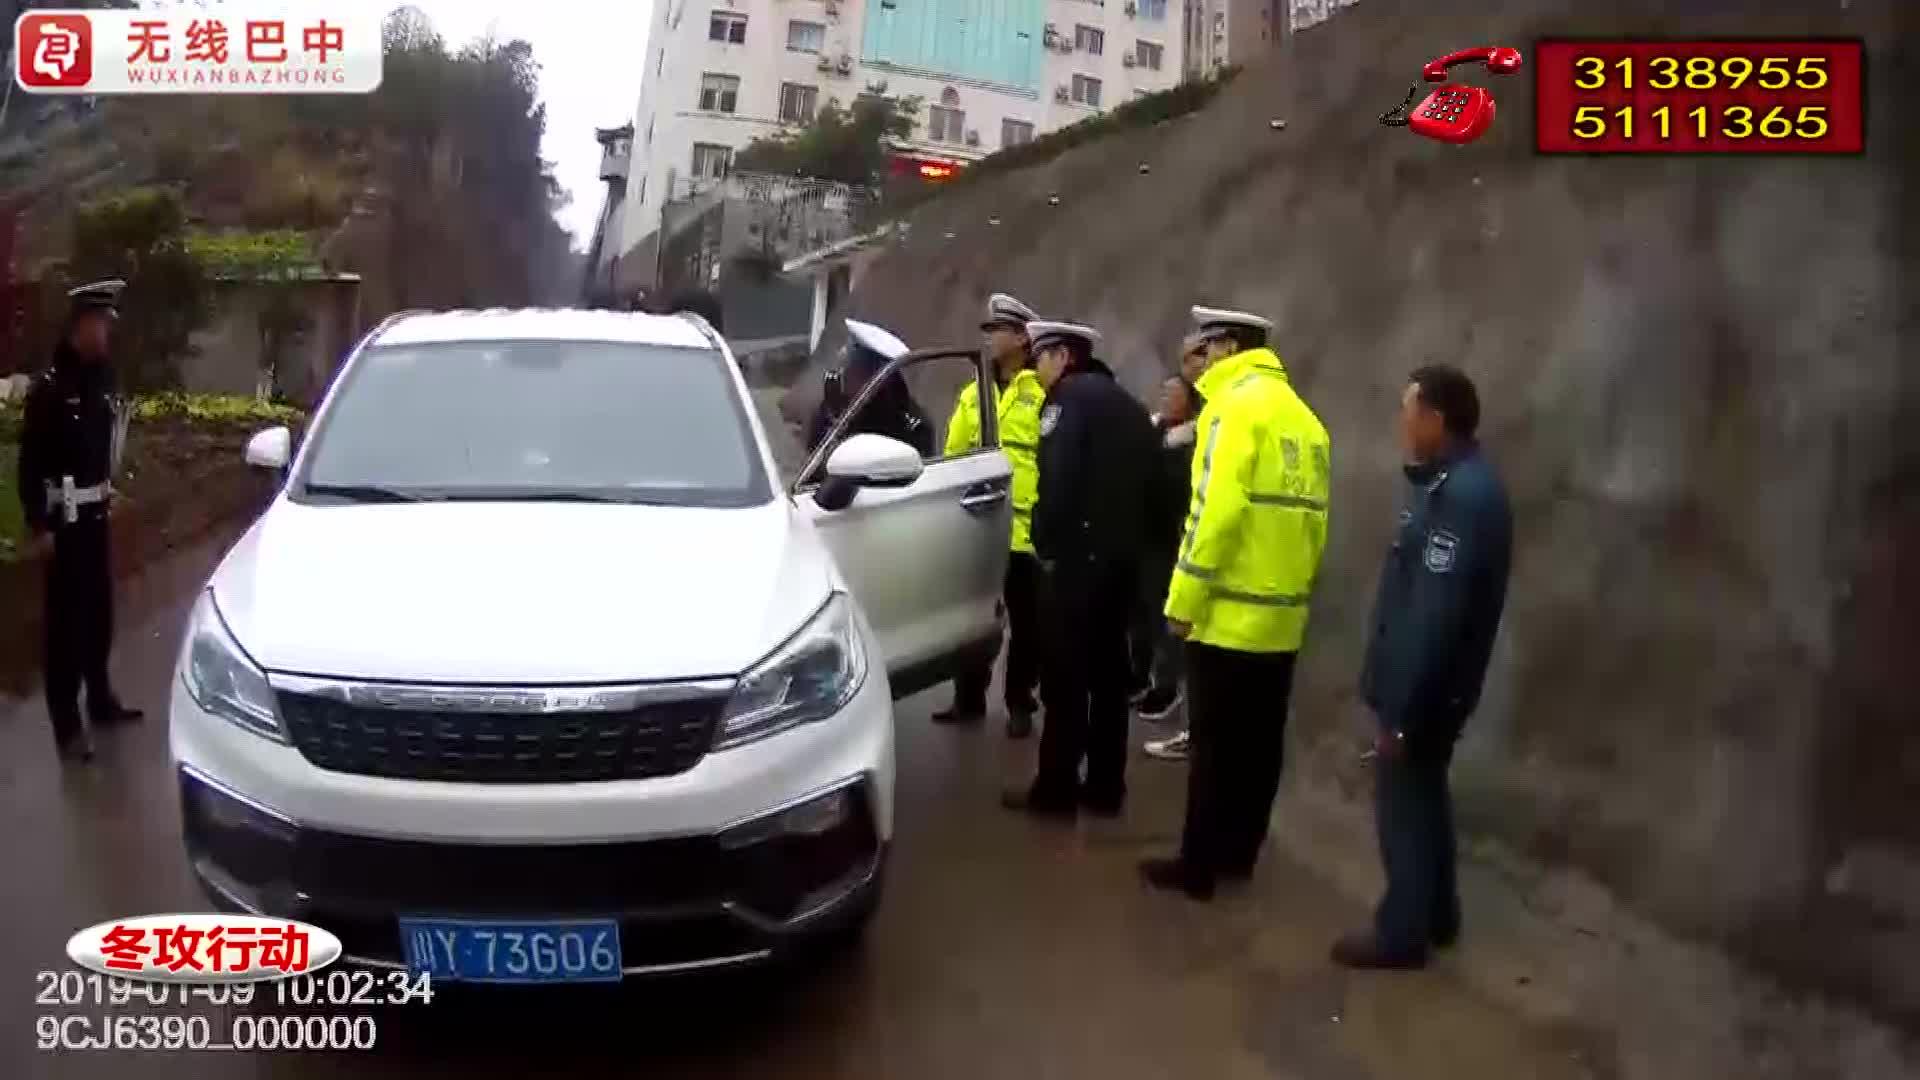 巴中交警查获今年首例毒驾违法行为